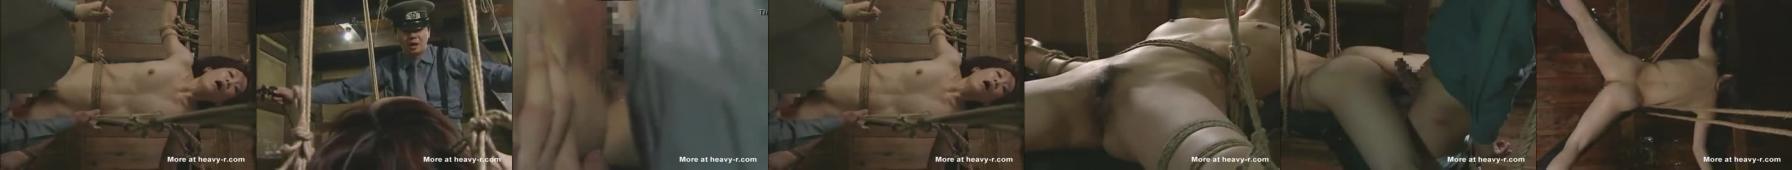 Osadzona więźniarka torturowana seksualnie przez strażników